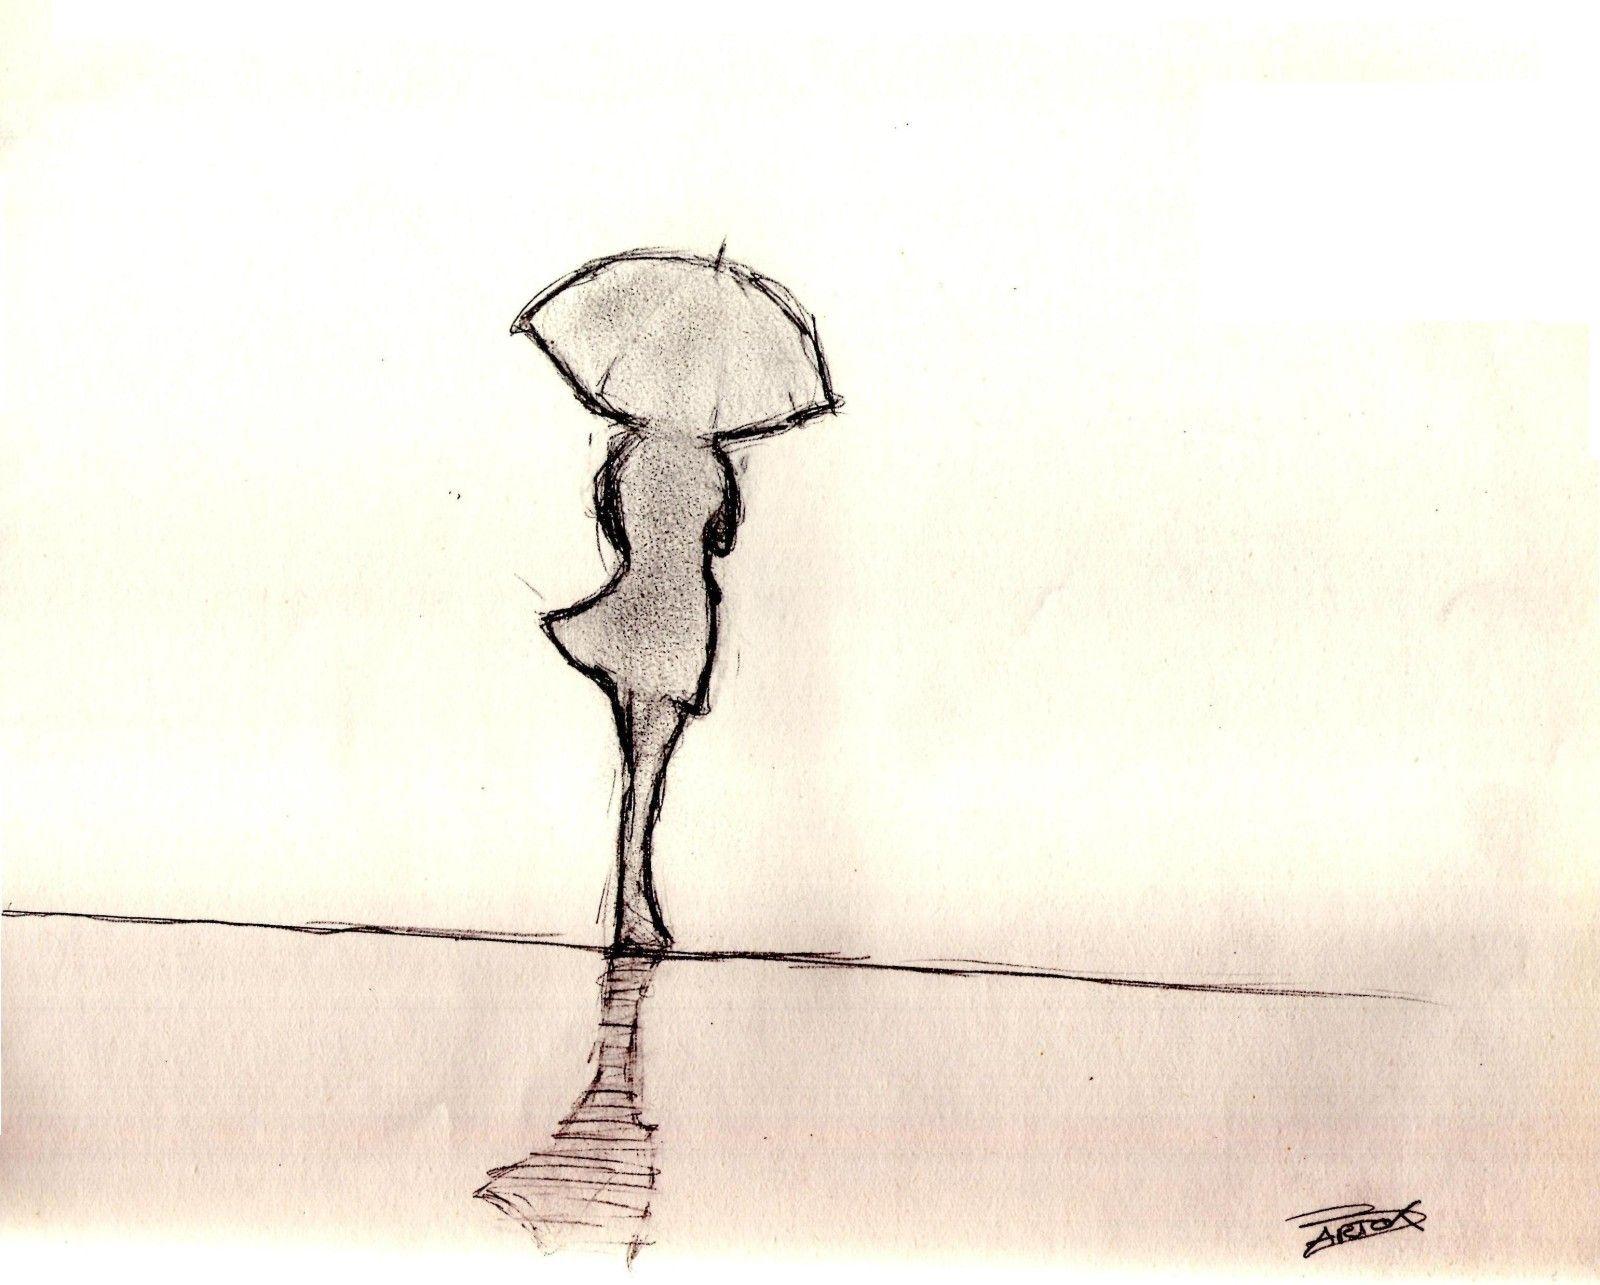 Femme sous la pluie une silhouette de femme portant un parapluie par bartart over blog com